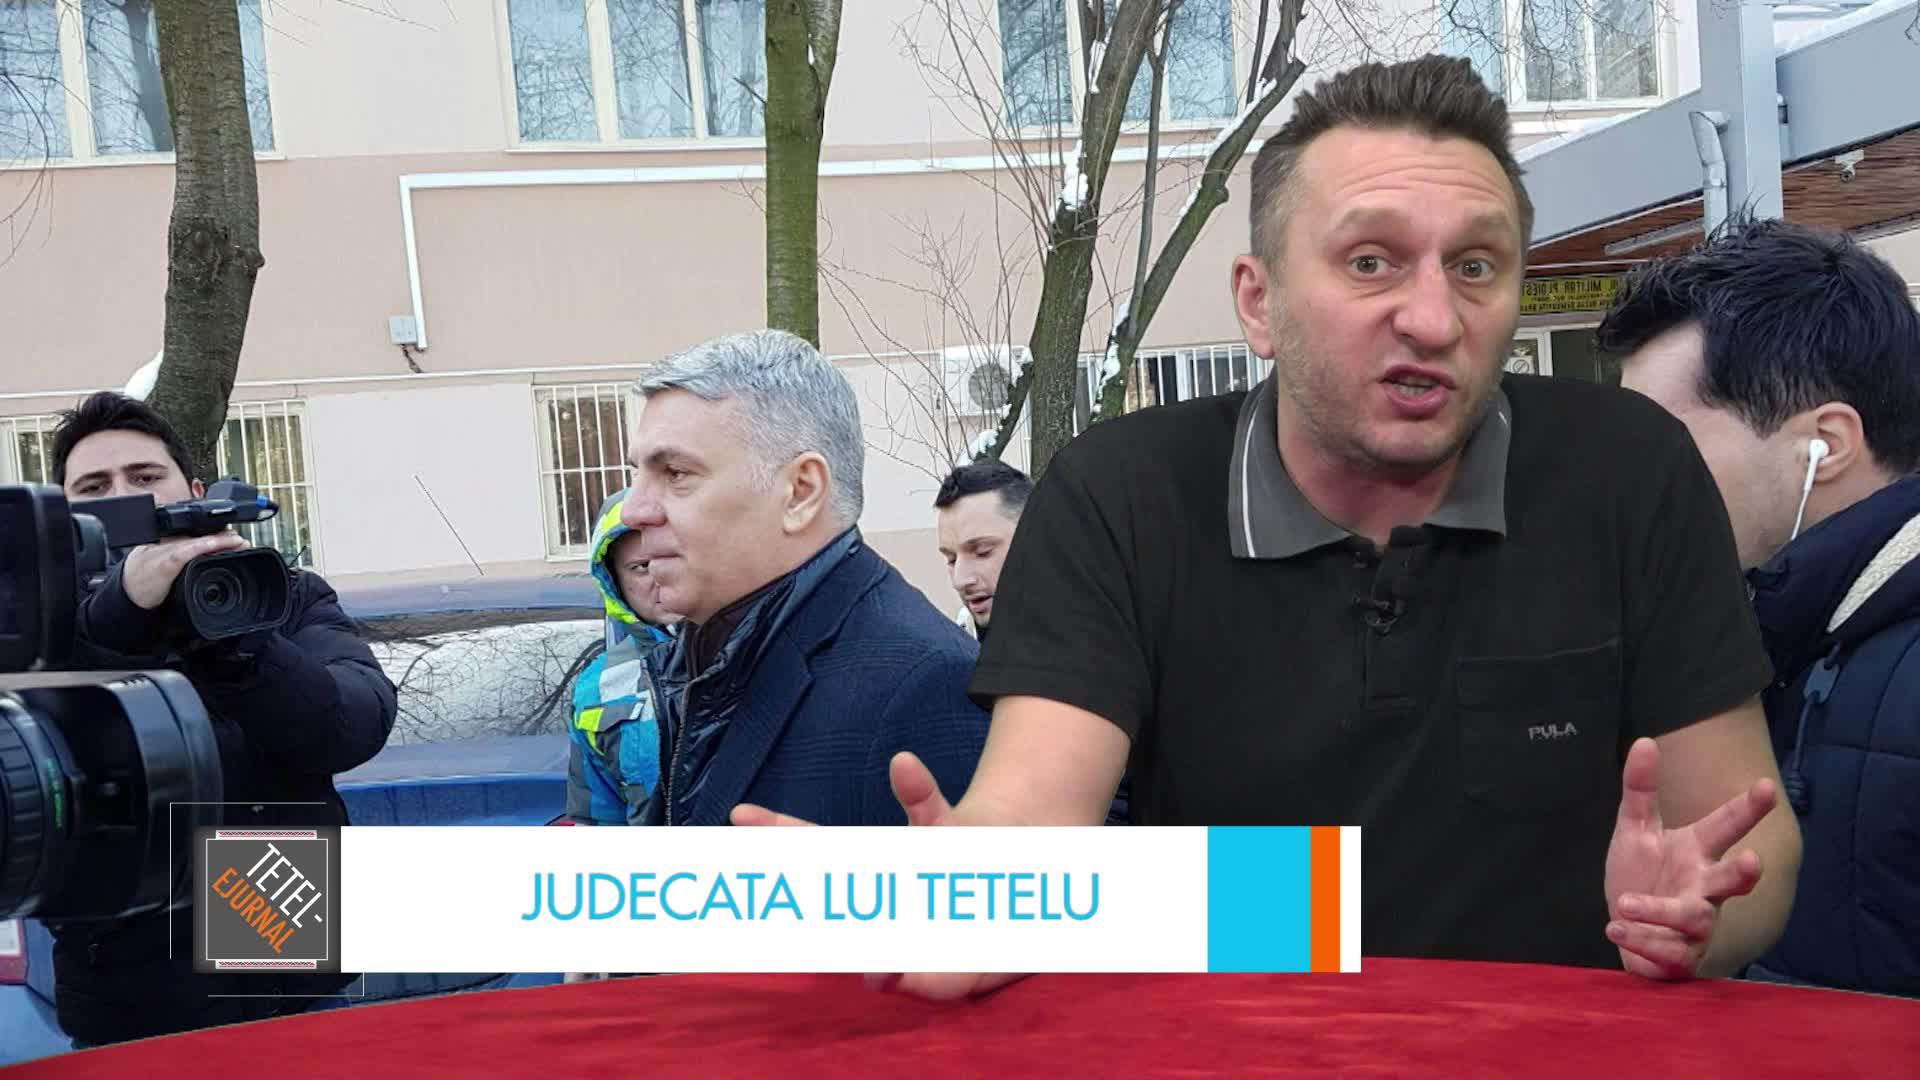 Judecata lui Tetelu: Despre deputata de Buzău